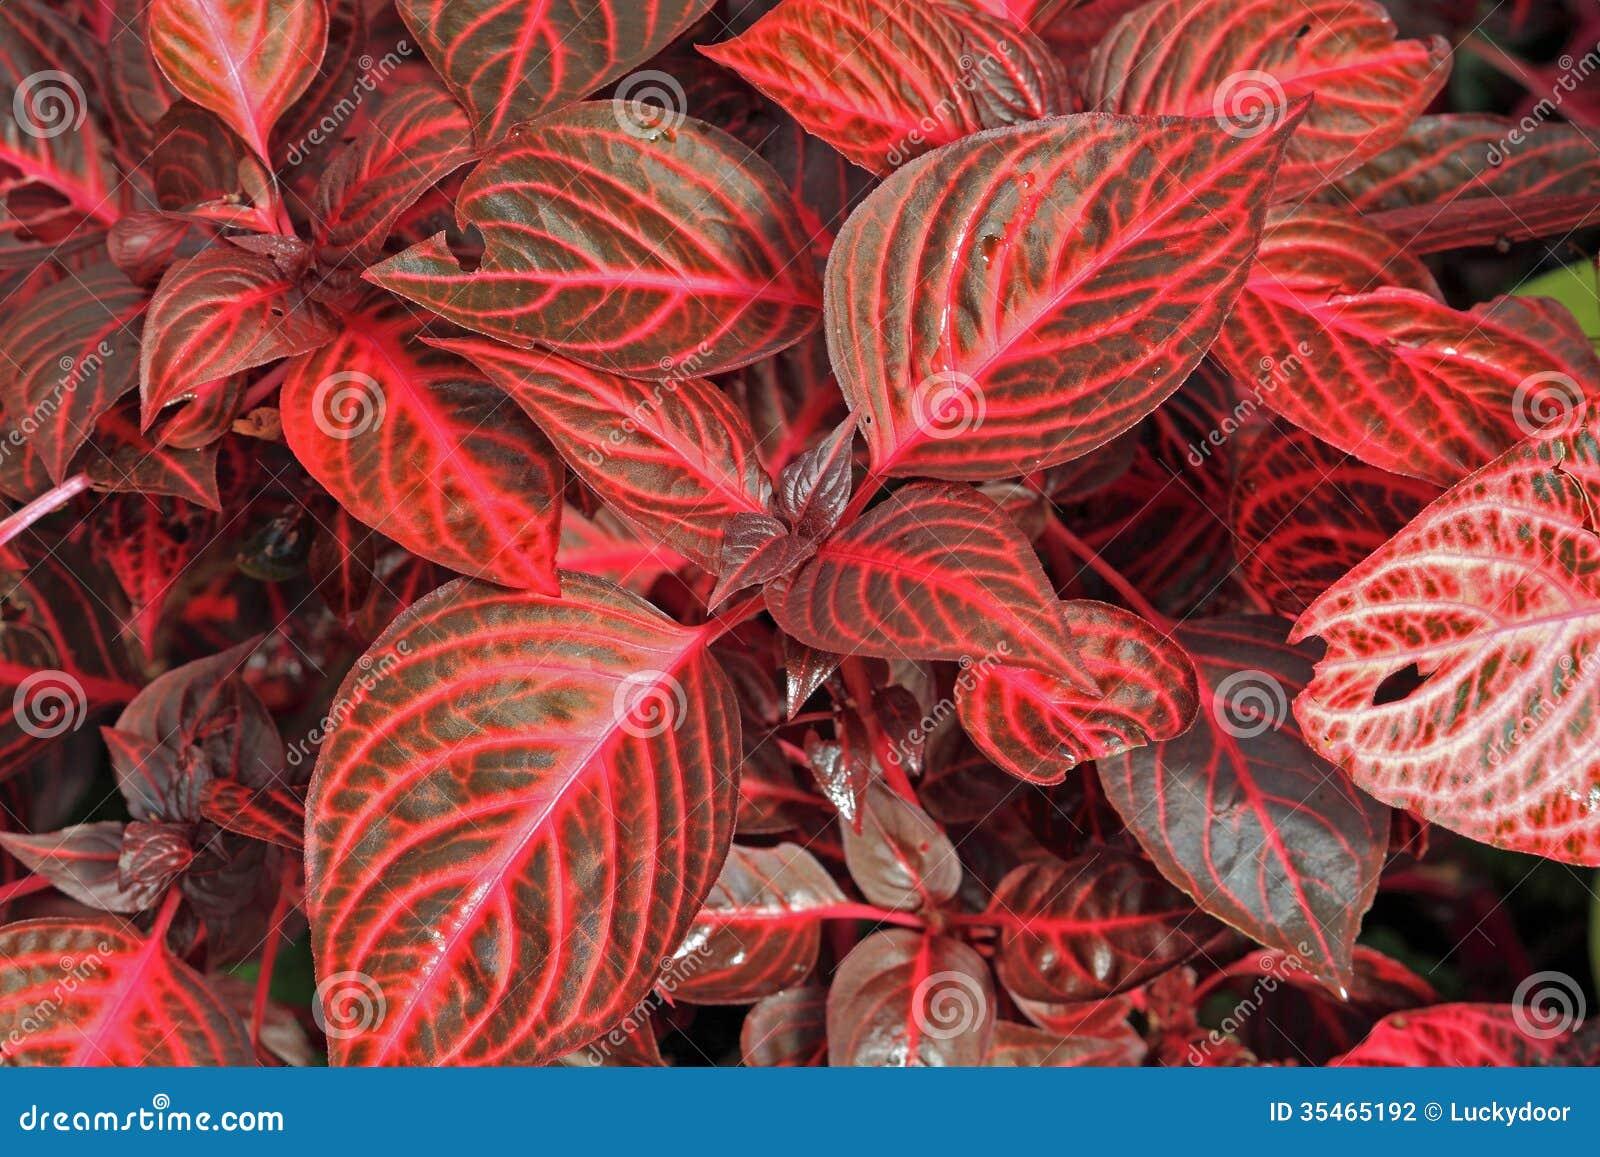 flores tropicais jardim : flores tropicais jardim:Plantas Decorativas Vermelhas Fotografia de Stock – Imagem: 35465192